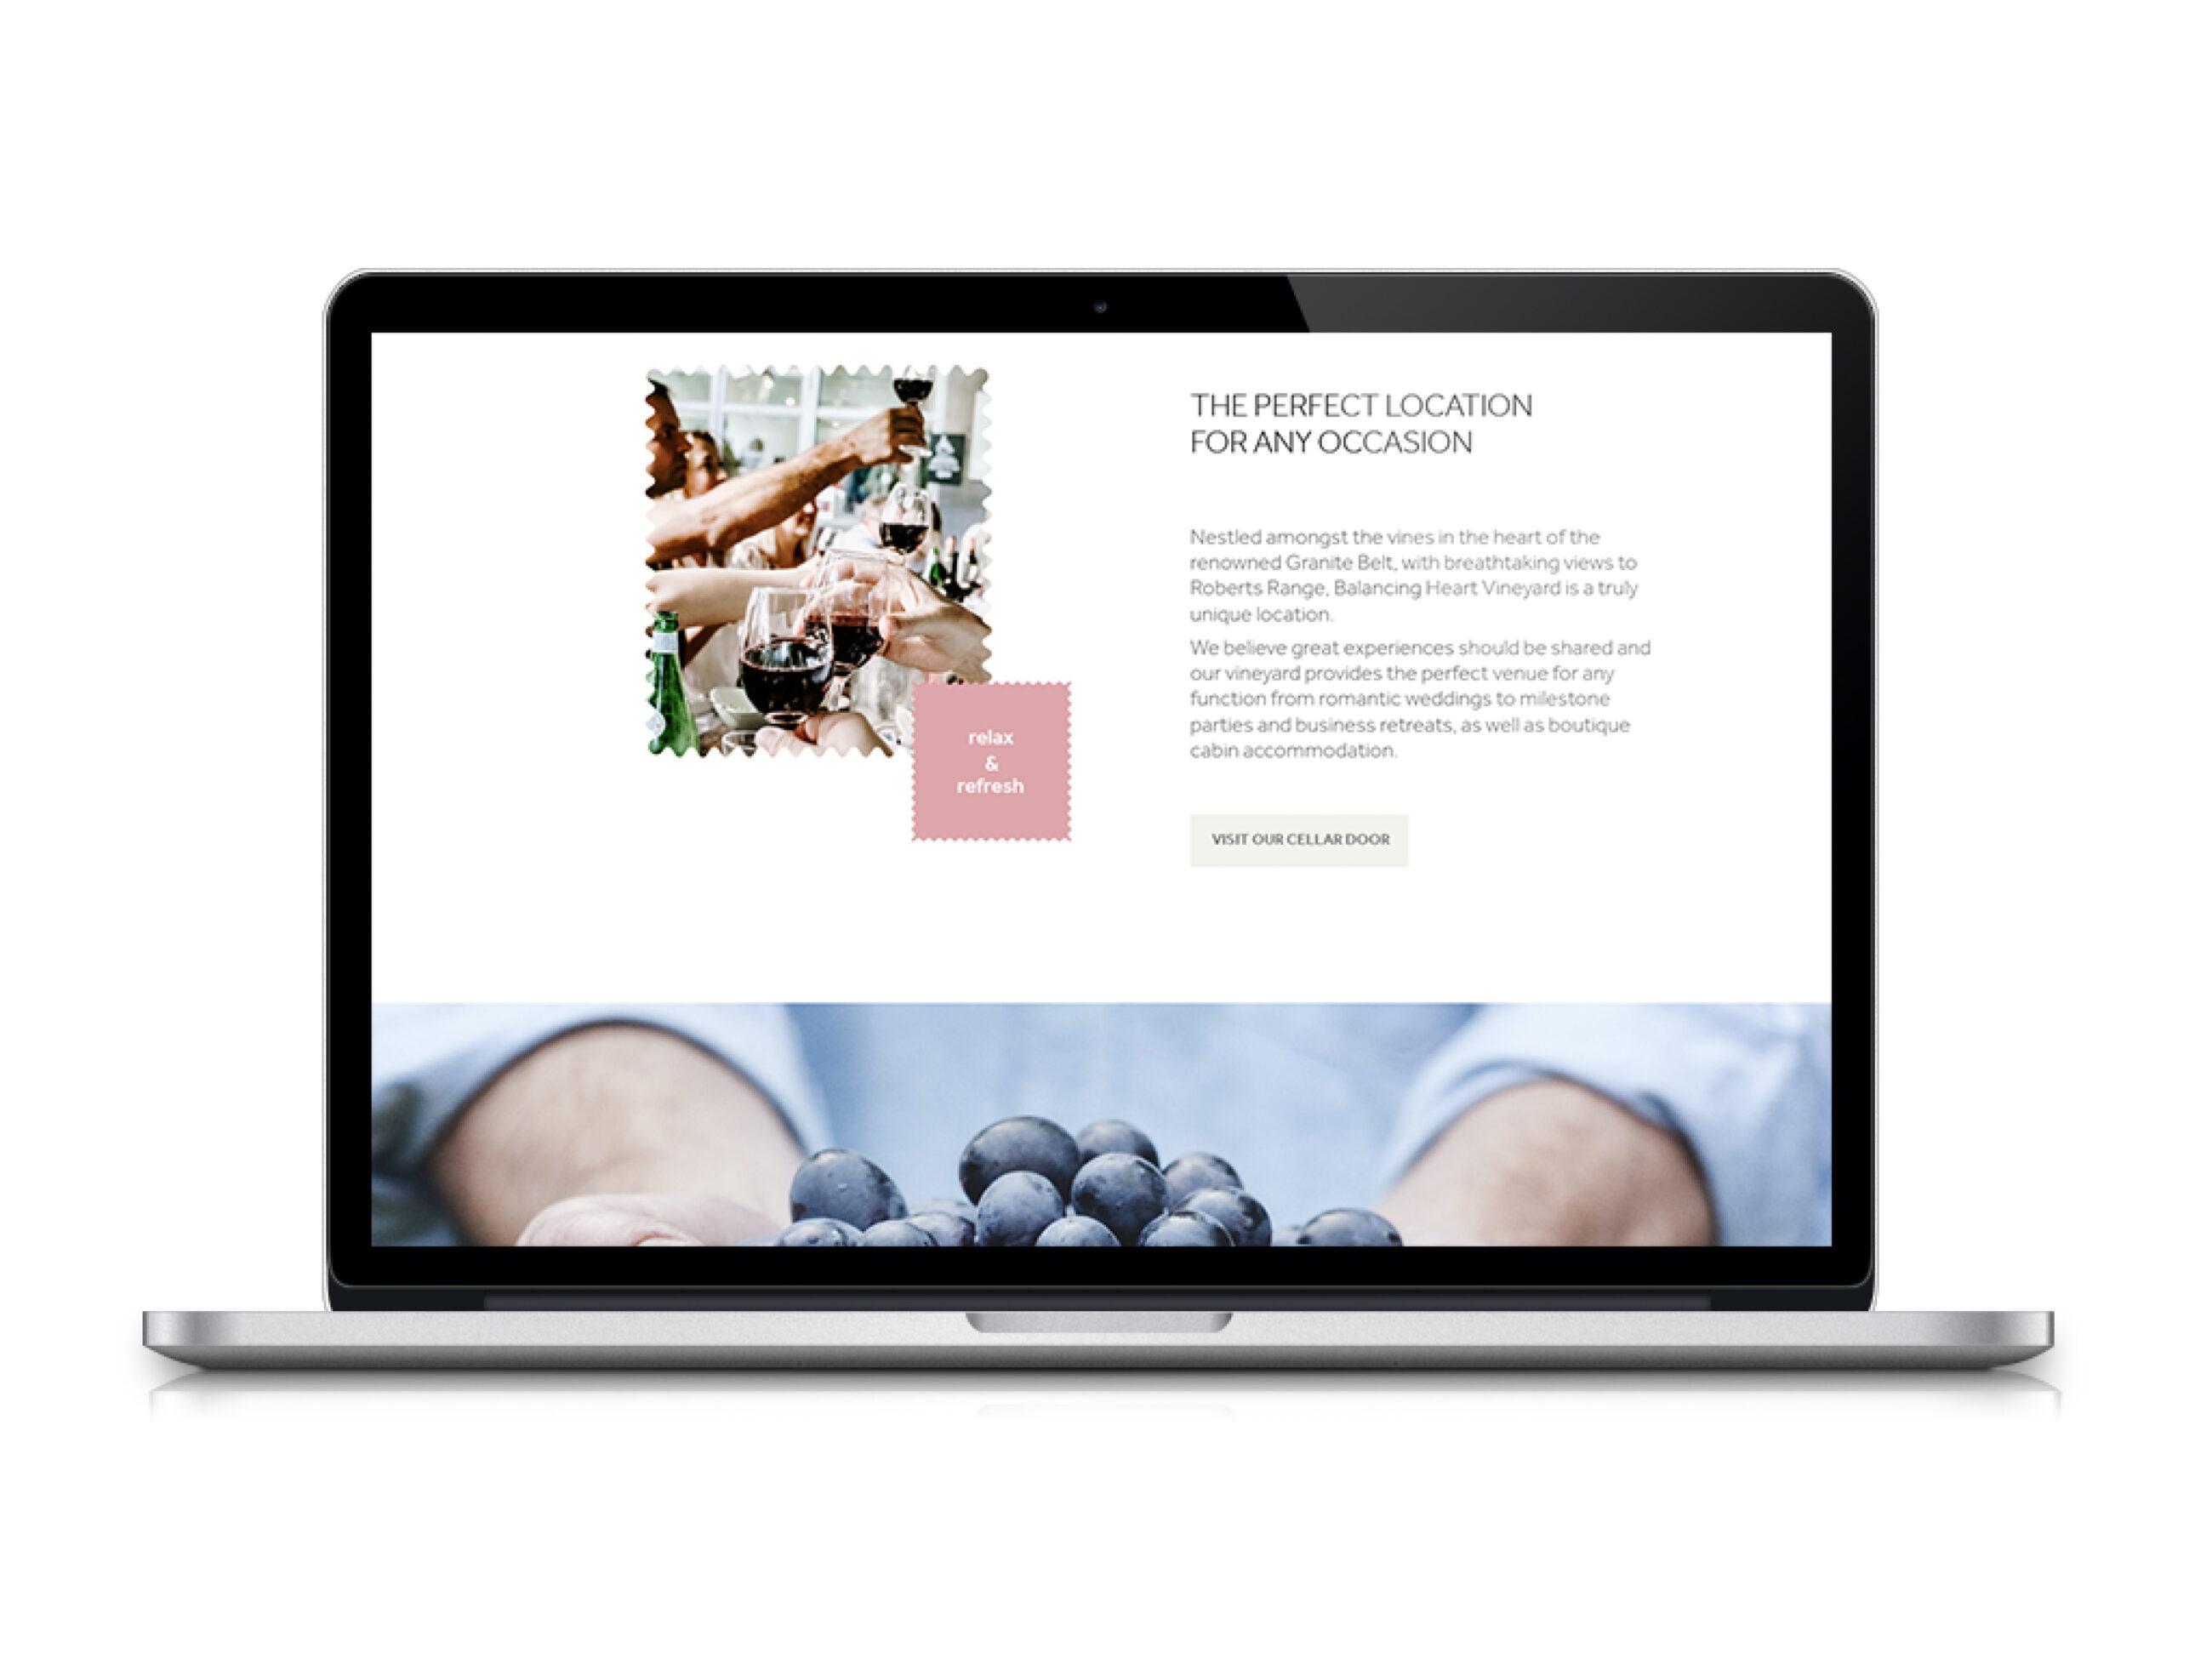 Balancing Heart wine website example